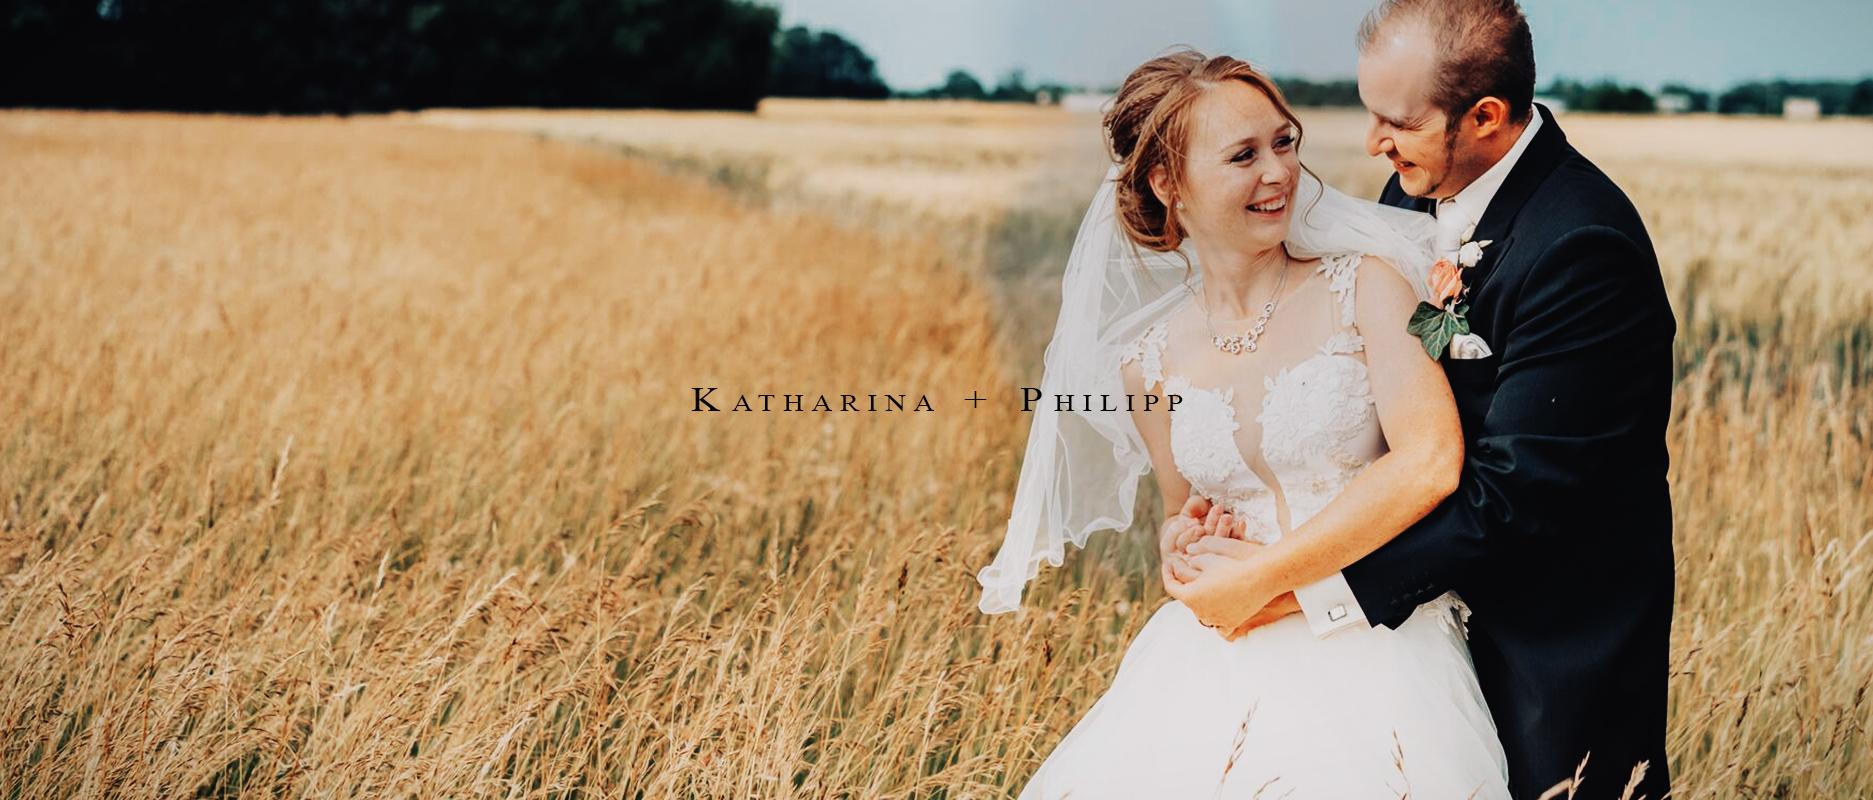 Katharina + Philipp | Lower Austria, Austria | Wein&Gut Rathbauer